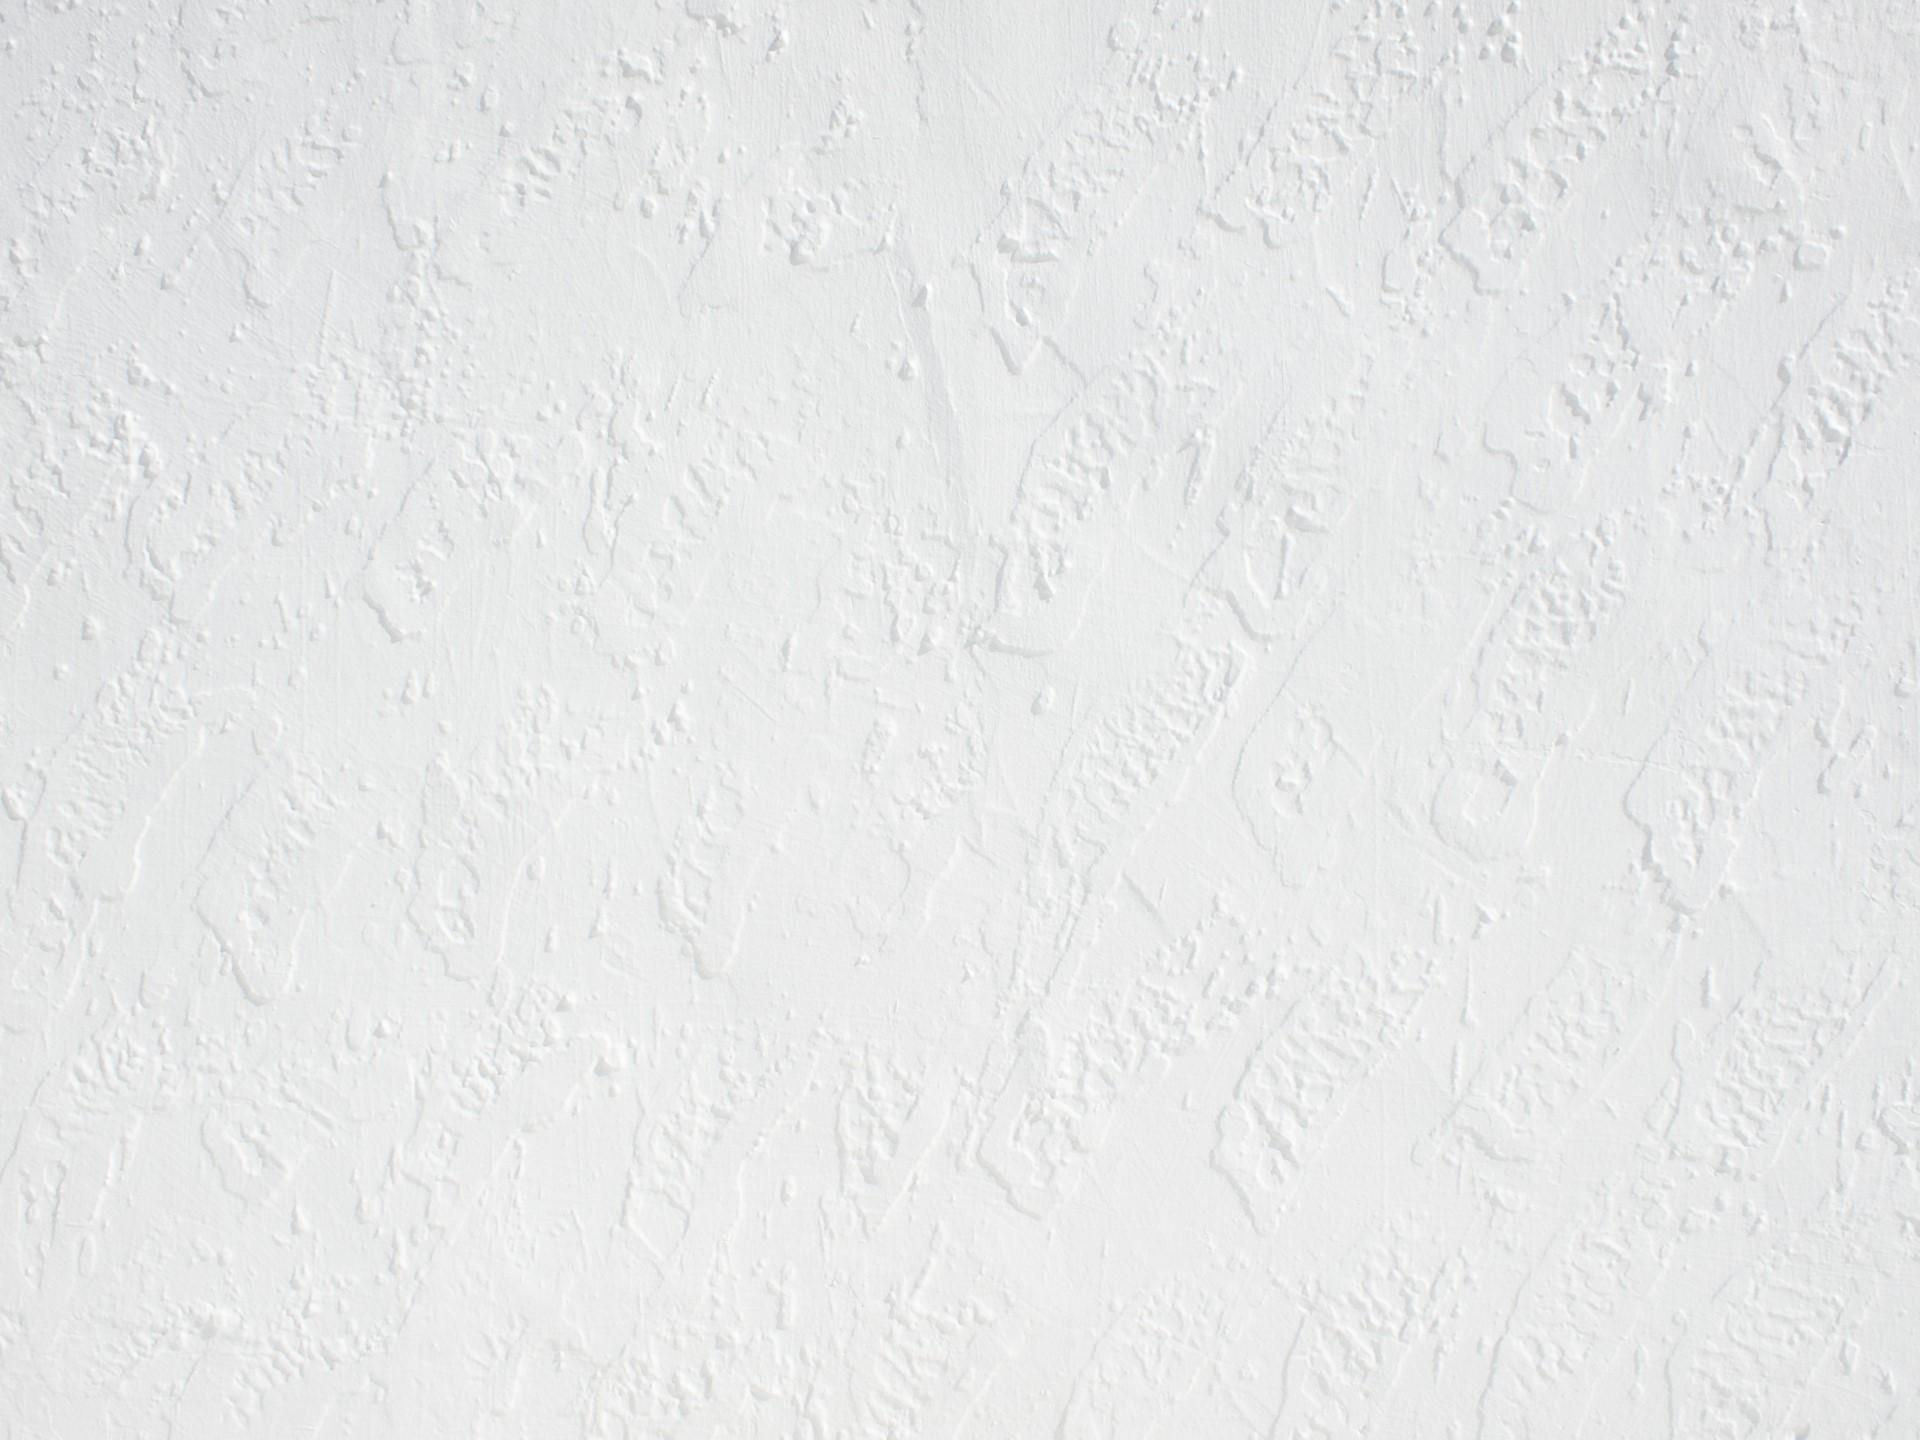 洗剤の使用を控えるべき壁材とその理由